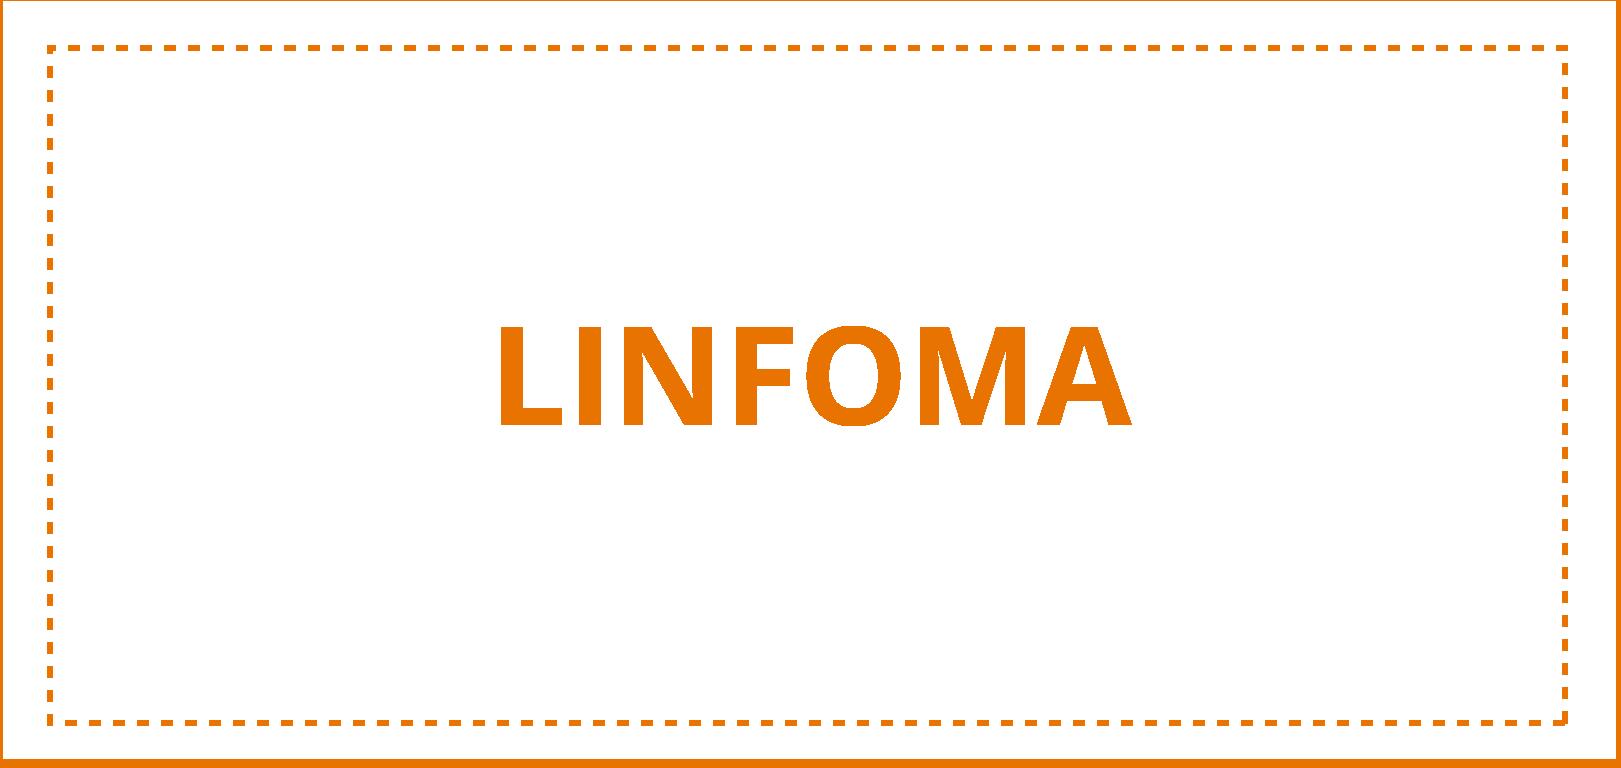 secciones linf-02